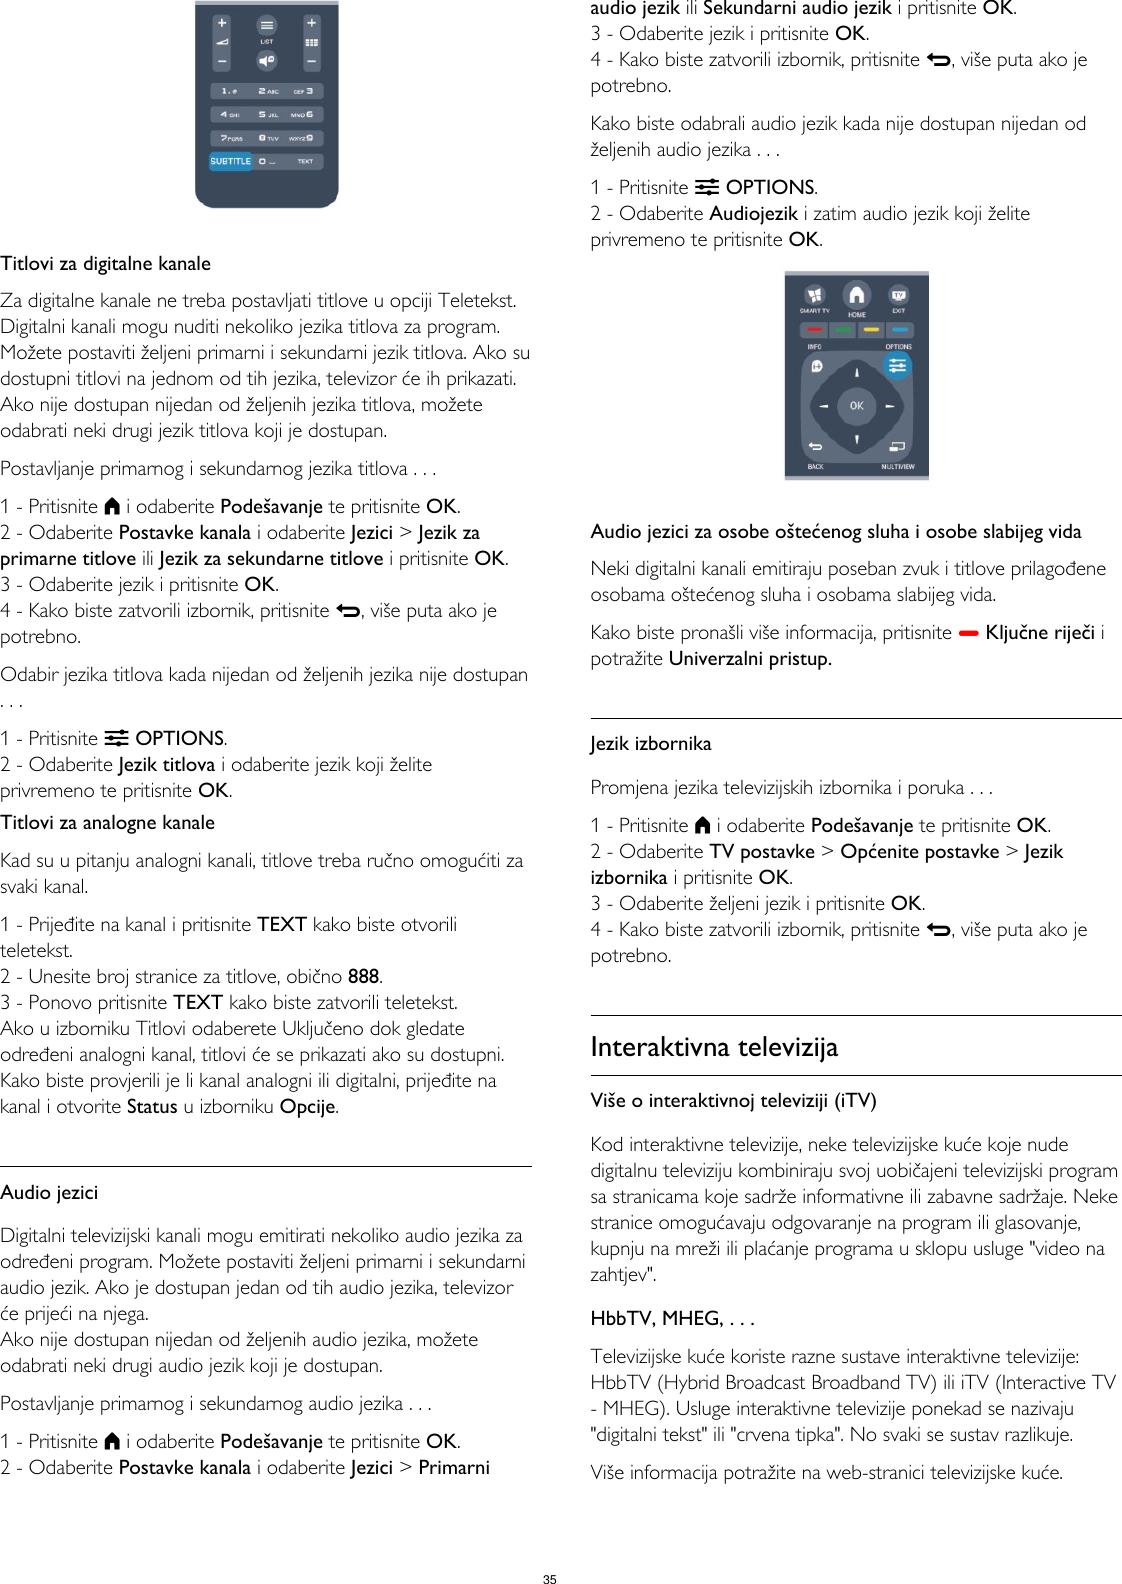 Kako izbrisati uniformni datumski račun na iPhoneu